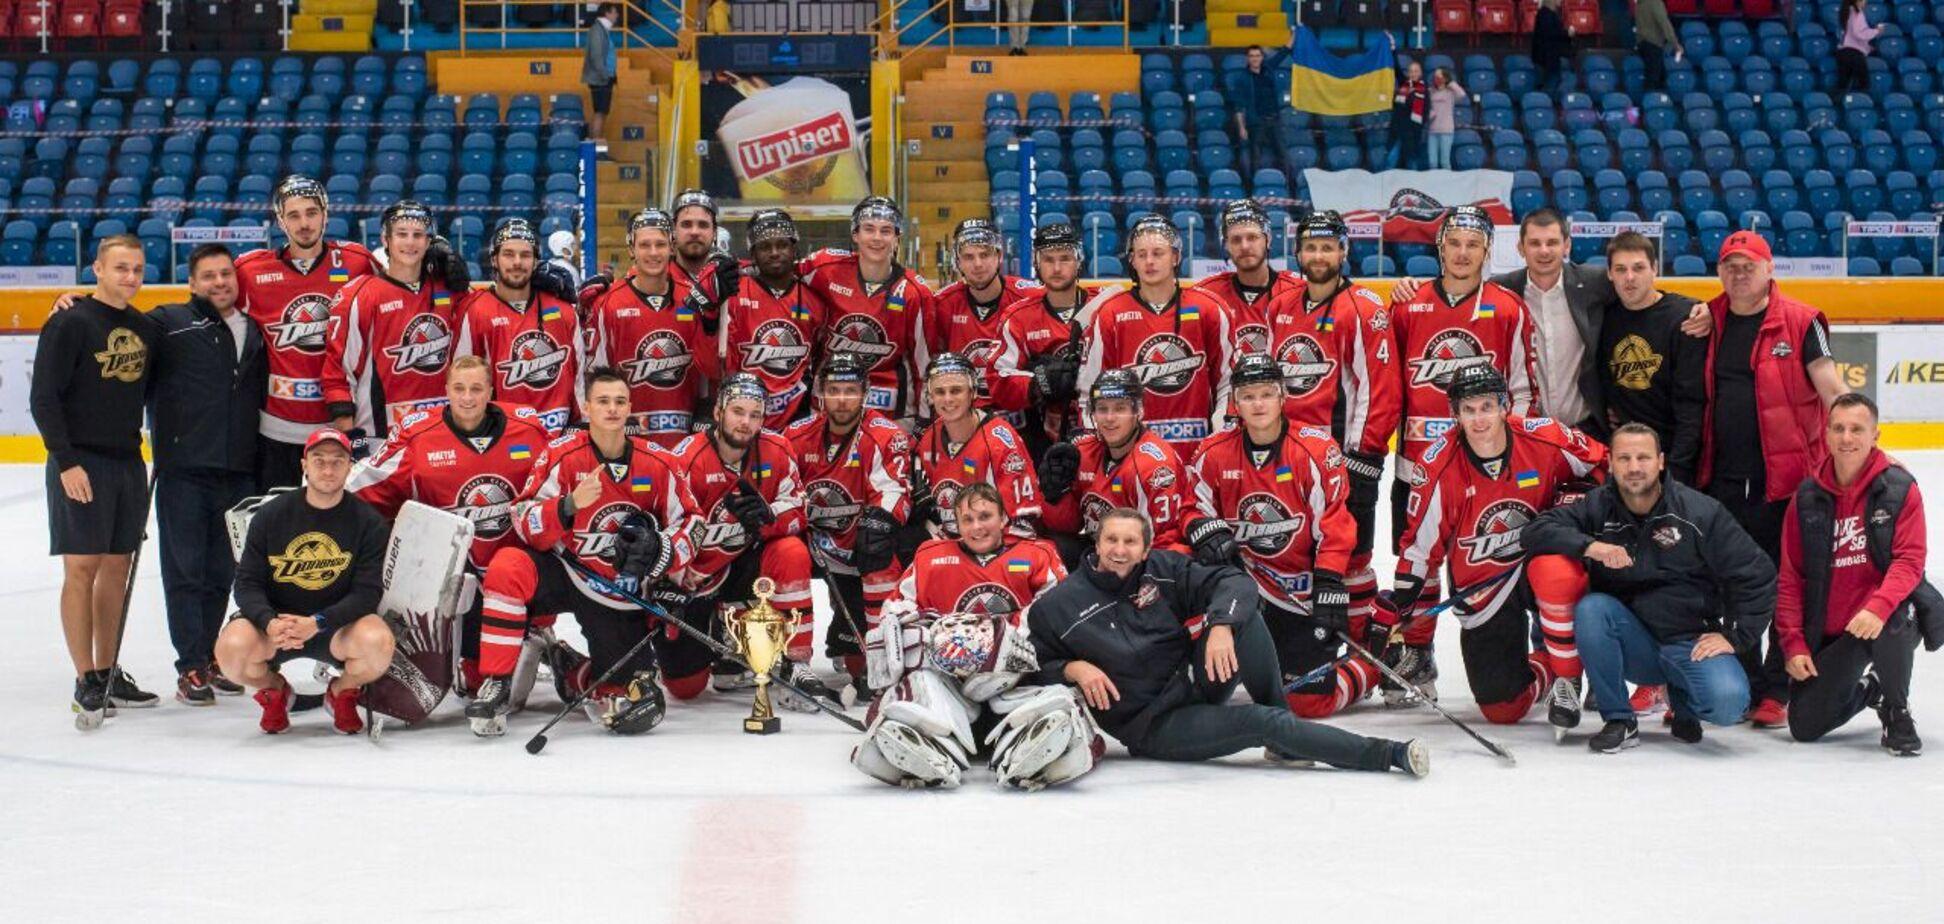 Исторический сезон: анонс дебюта ХК 'Донбасс' и Украины в Лиге чемпионов